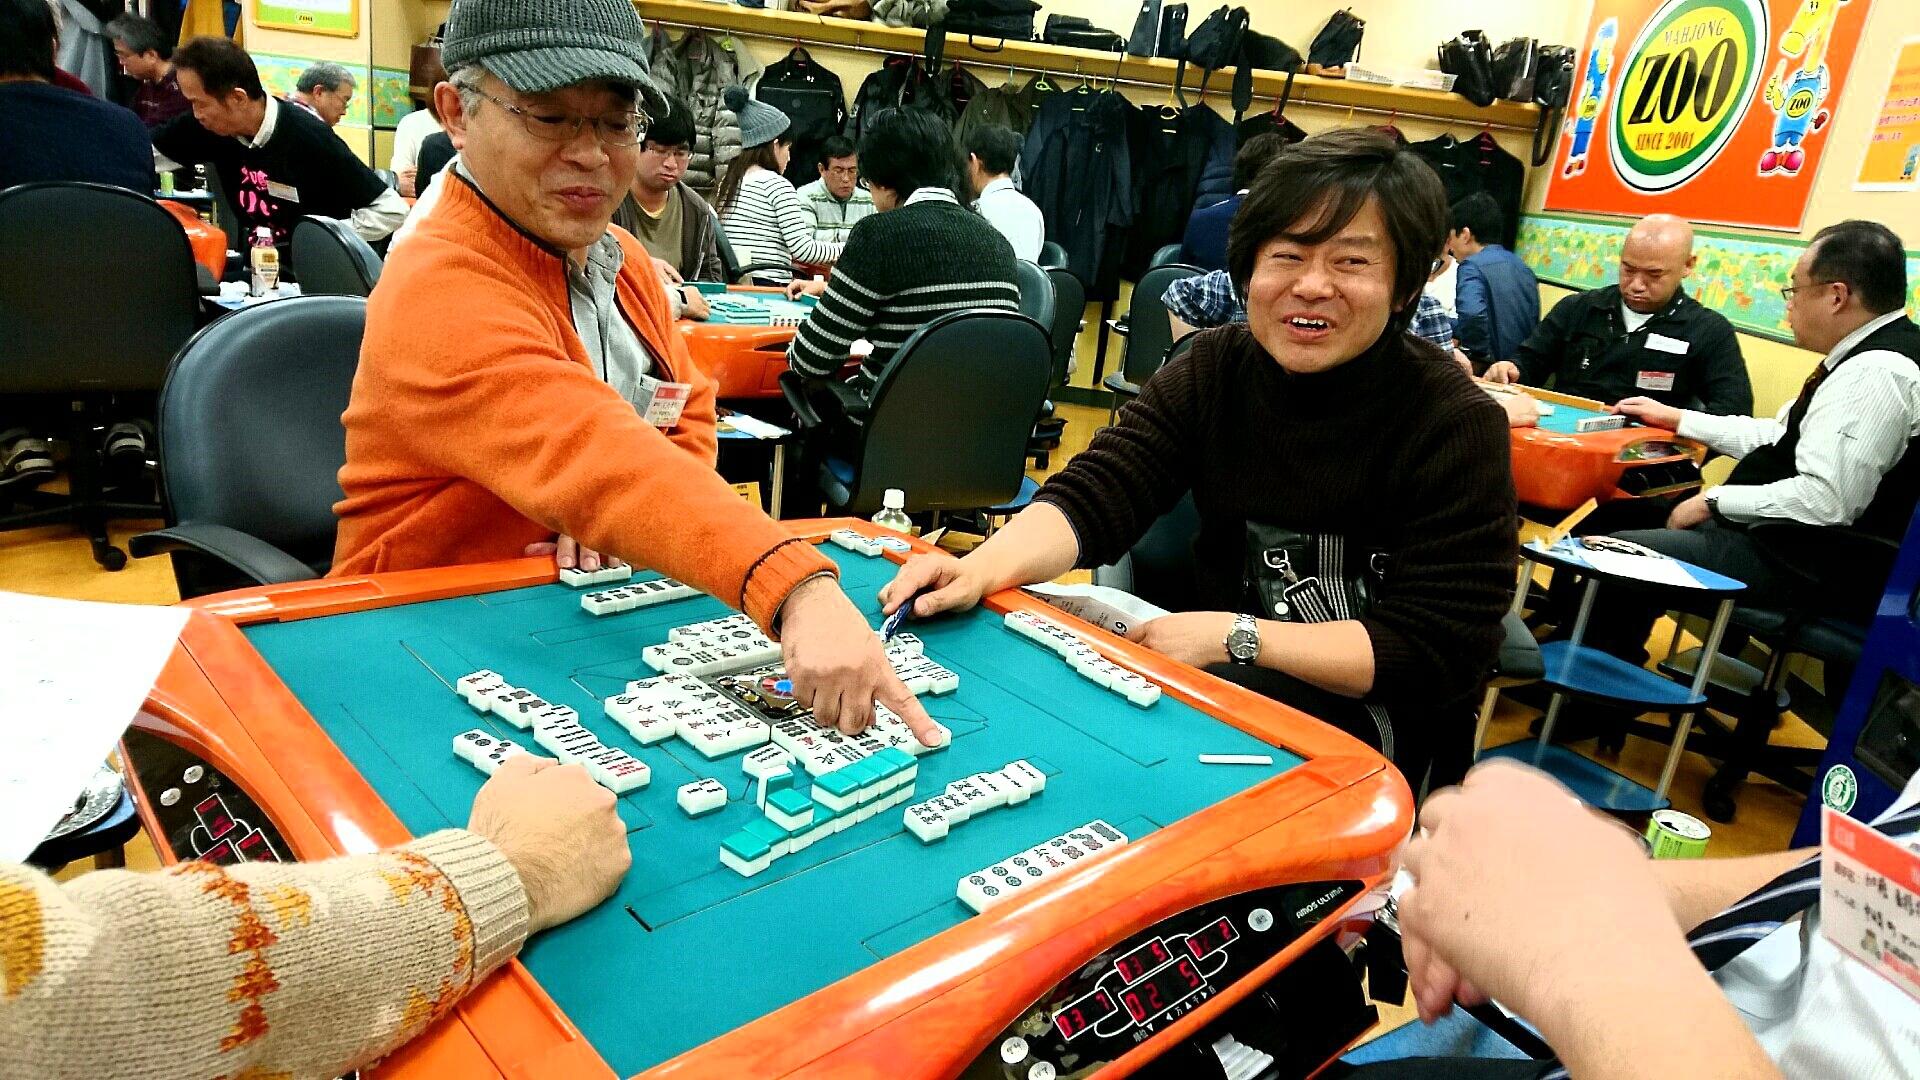 関西・大阪に本部を置く競技麻雀のプロ団体【麻雀共同体WW(ダブル)】の2016年度ペアマッチ【WW Wars】の大会風景。